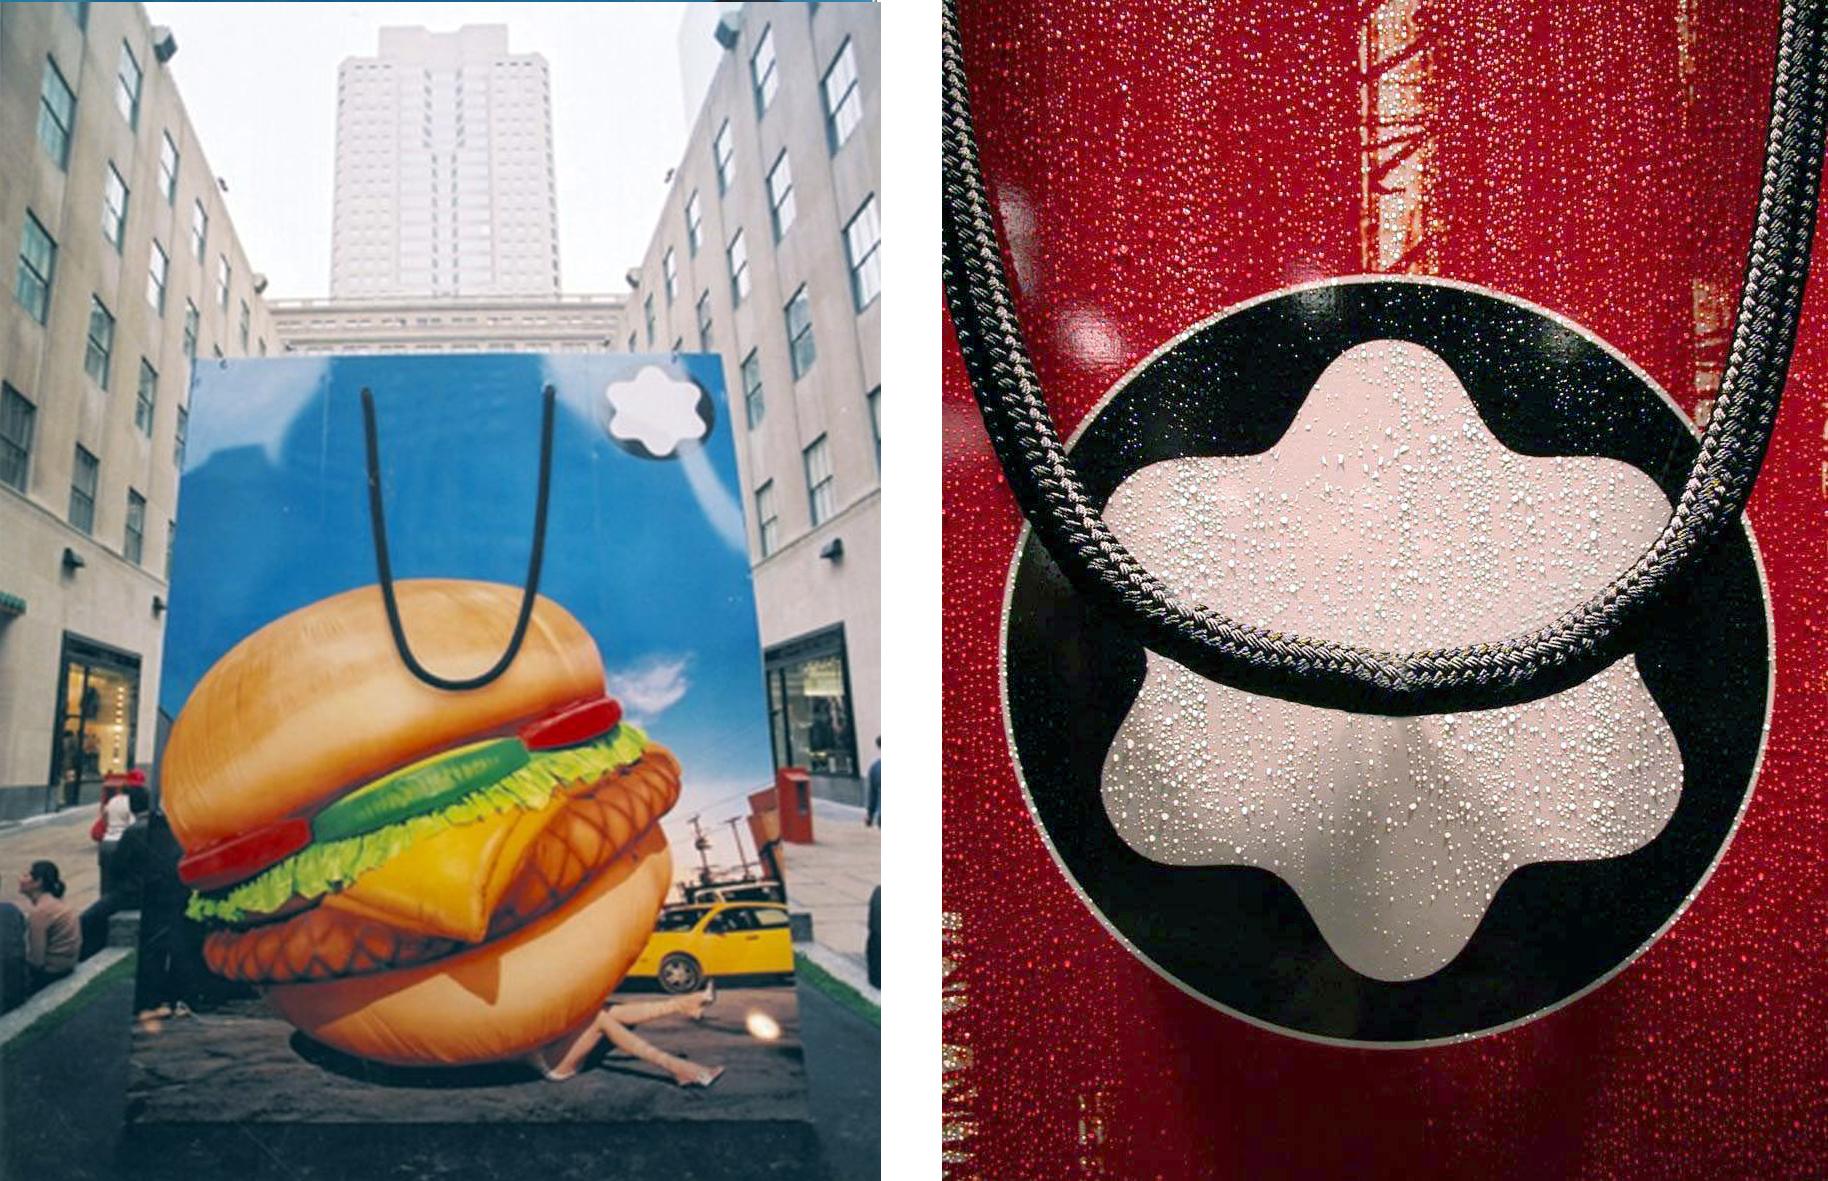 kwod_Ausstellungen_Montblanc_Artbags_NYC_Kordel